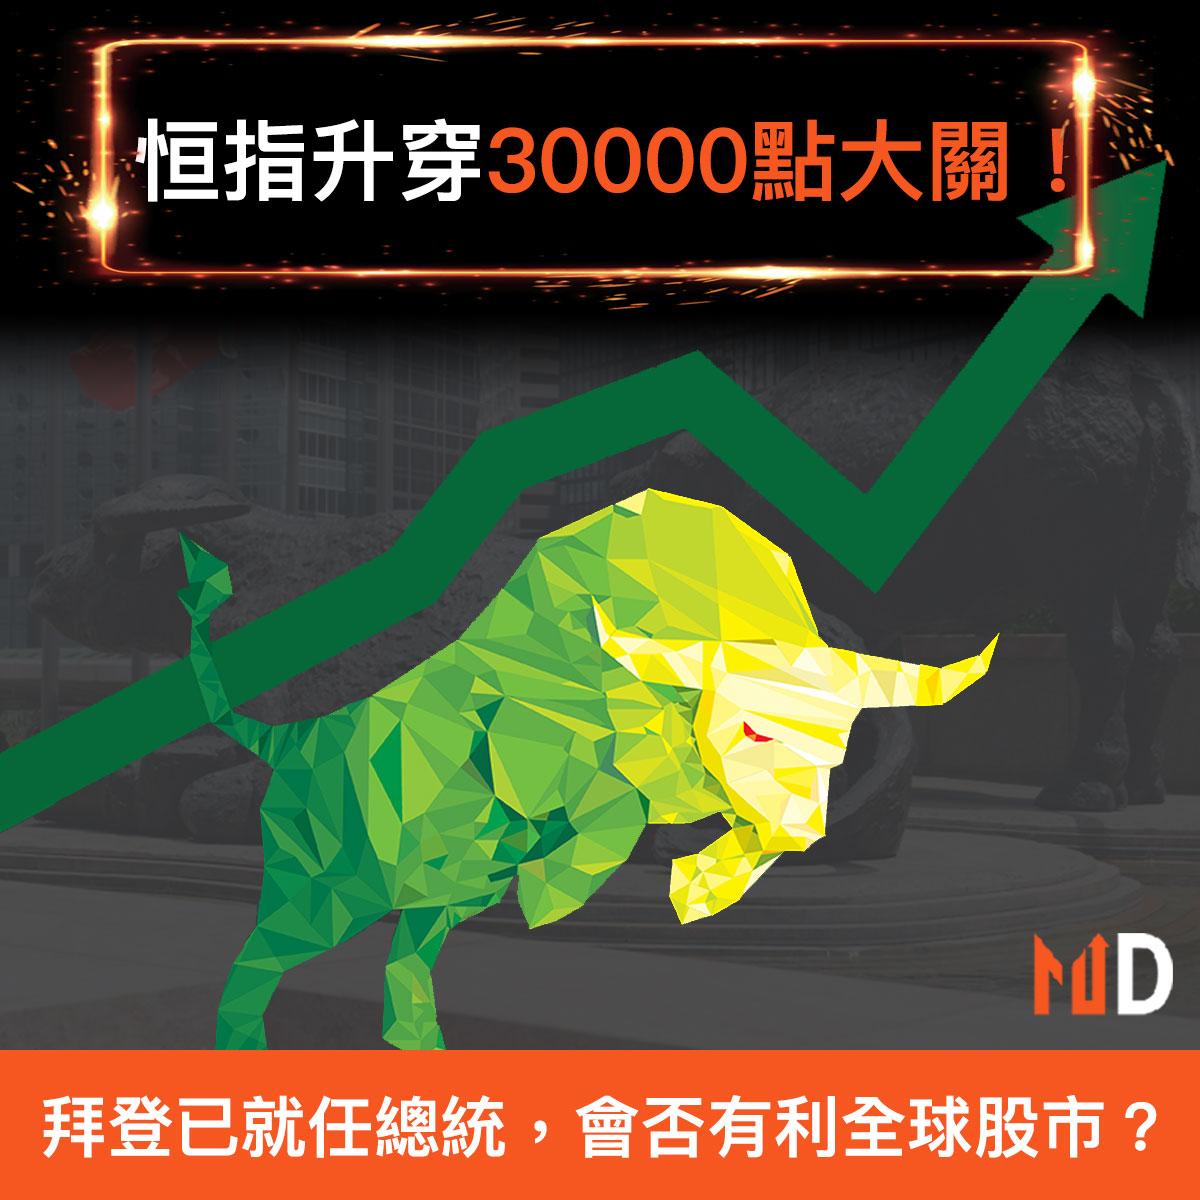 【市場熱話】恒指升穿30000點大關!